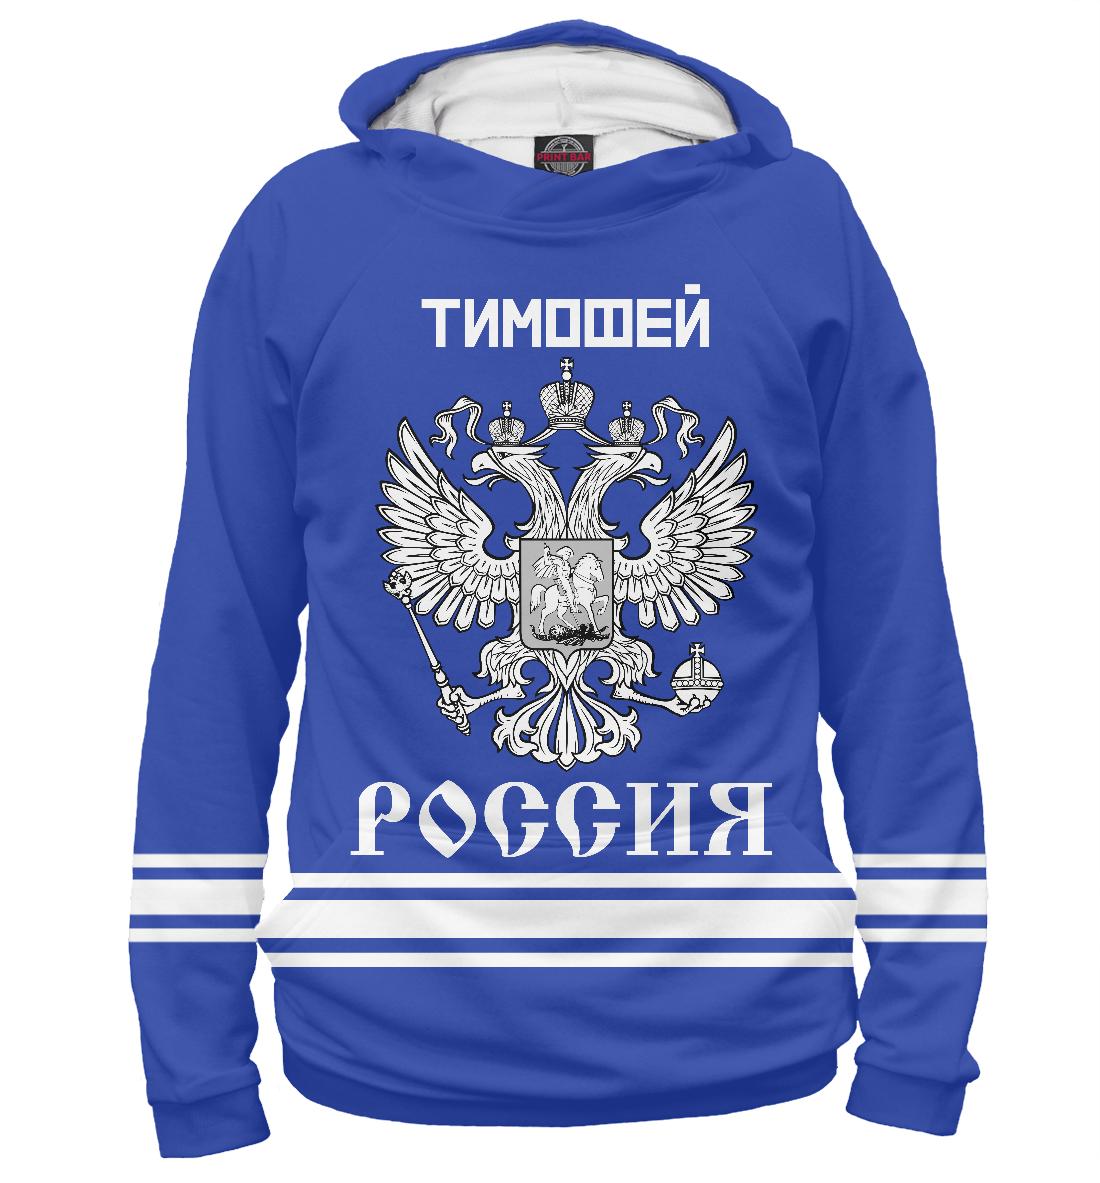 Купить ТИМОФЕЙ sport russia collection, Printbar, Худи, TMF-247508-hud-1